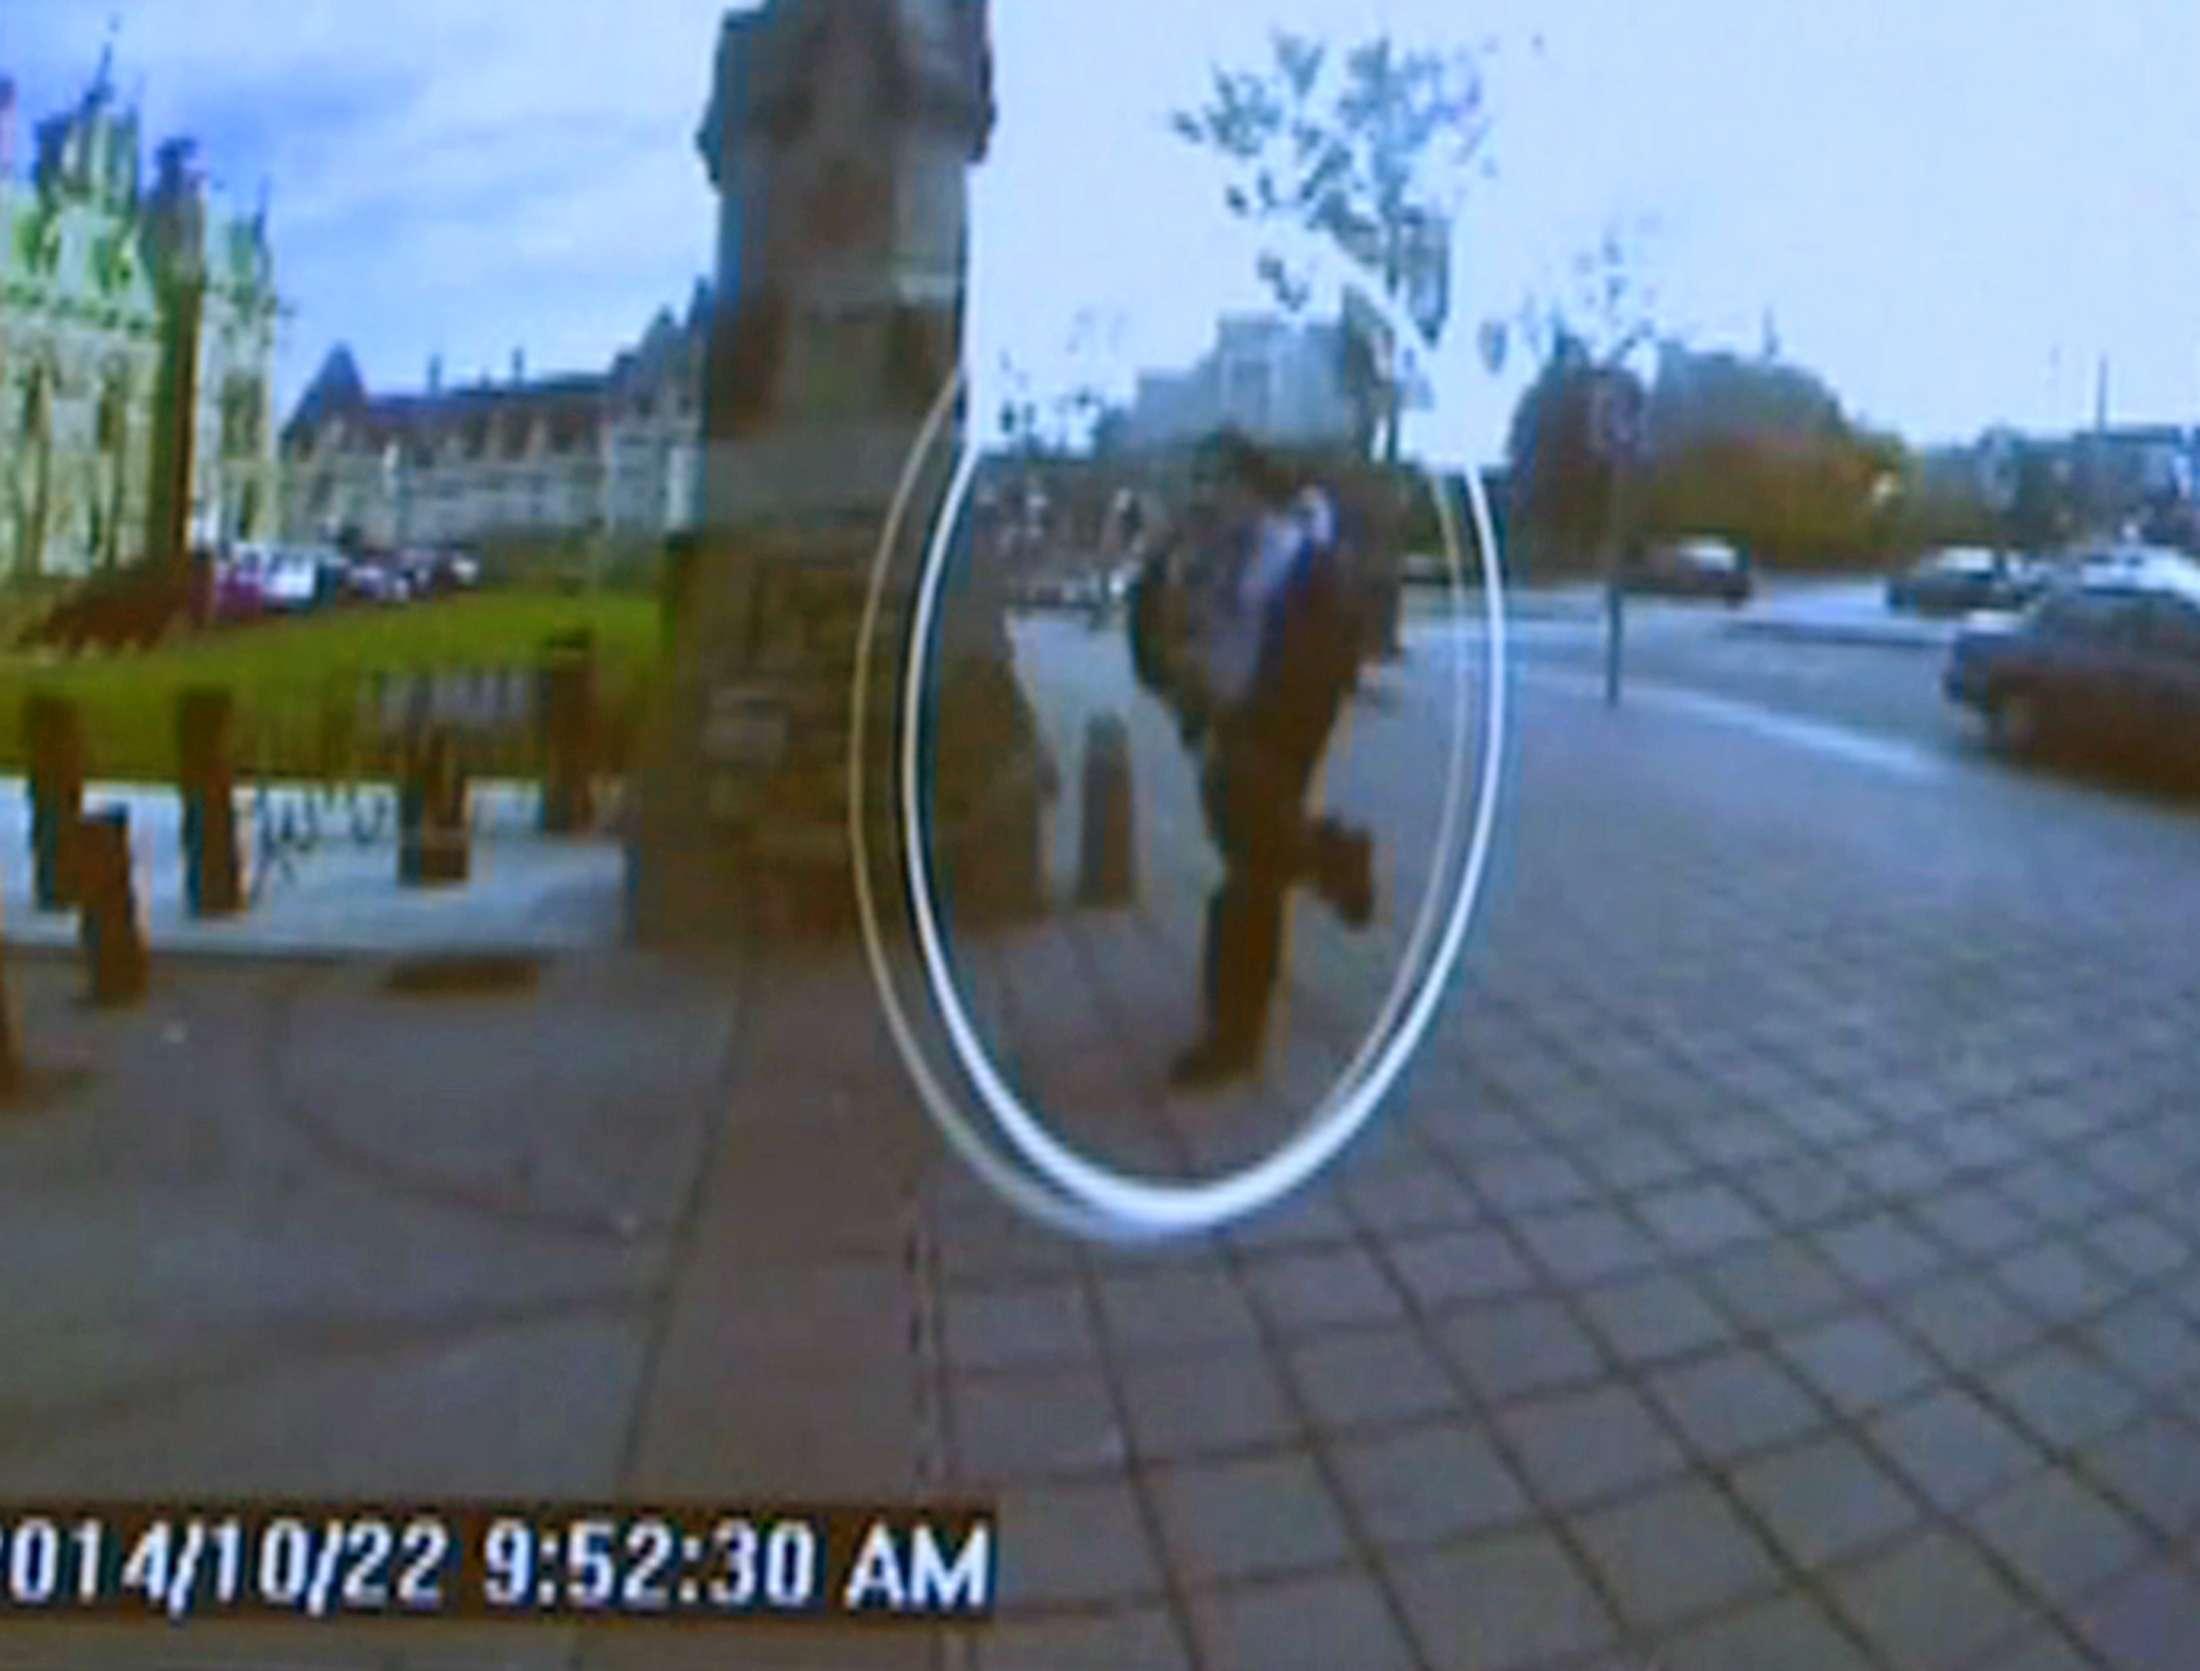 Câmeras de segurança mostram Michael Zehaf-Bibeau entrando no prédio do Parlamento, onde disparou contra militar Foto: CBC/Reuters